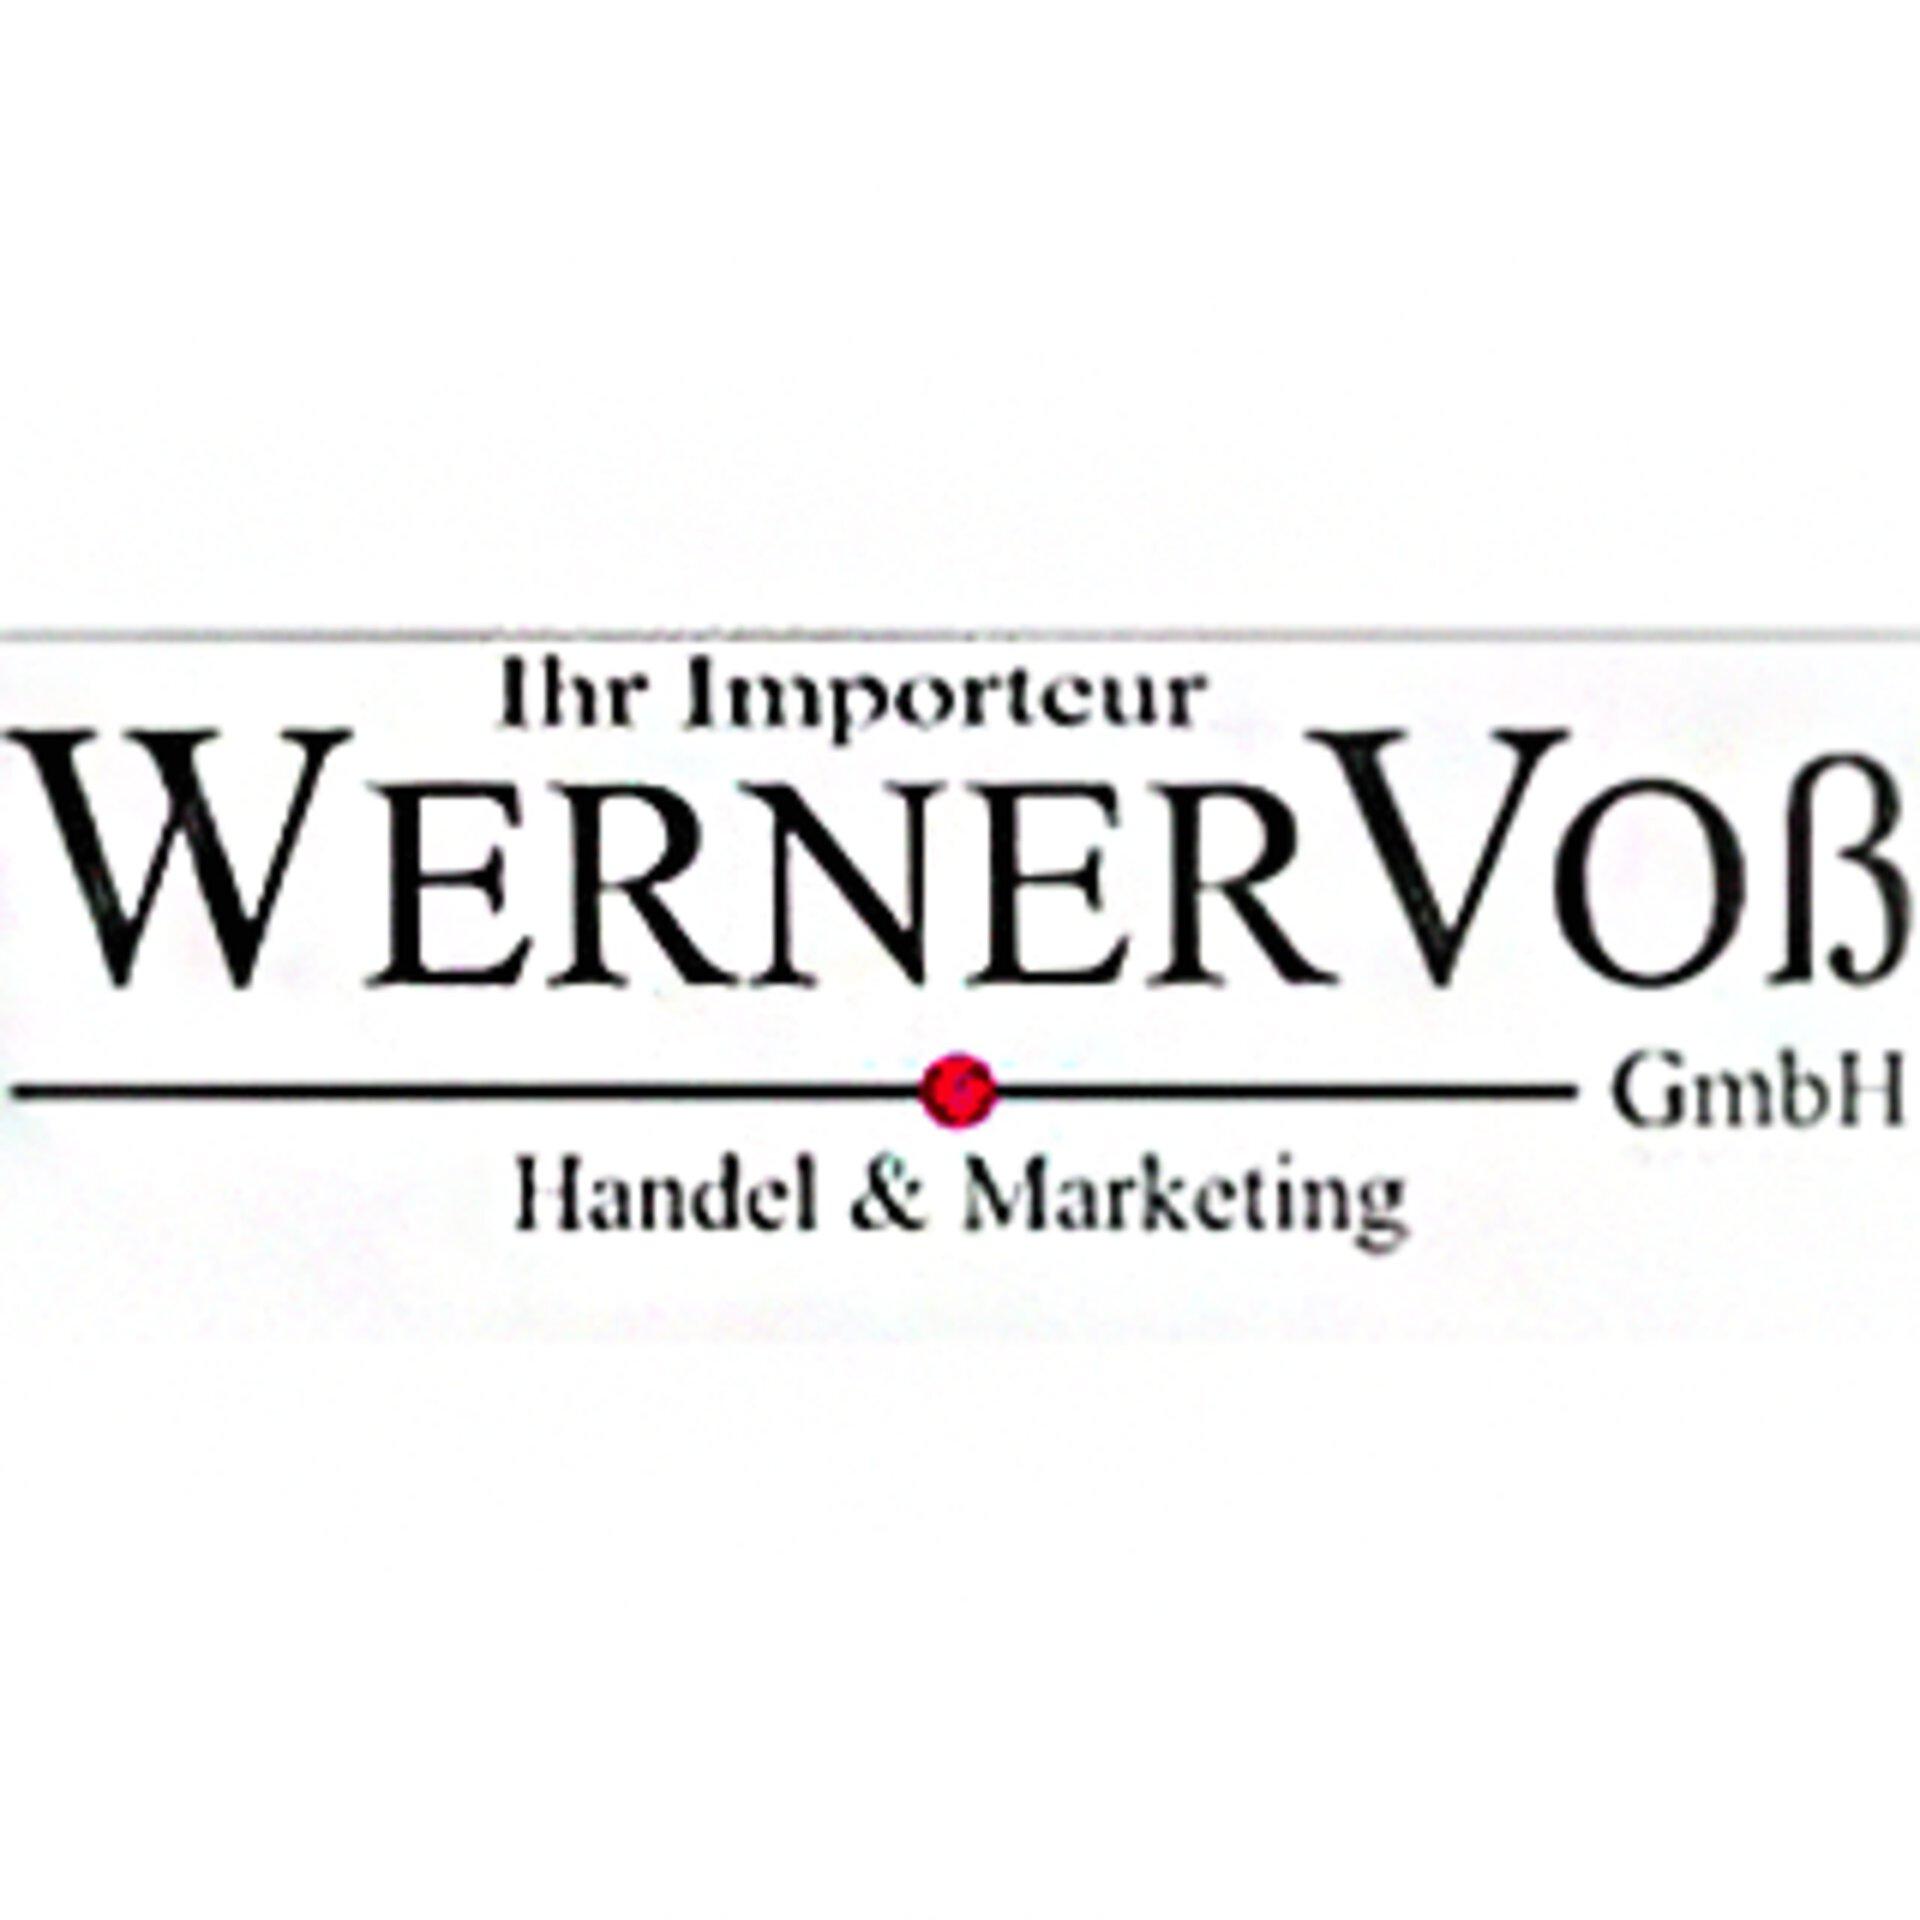 Werner Voß